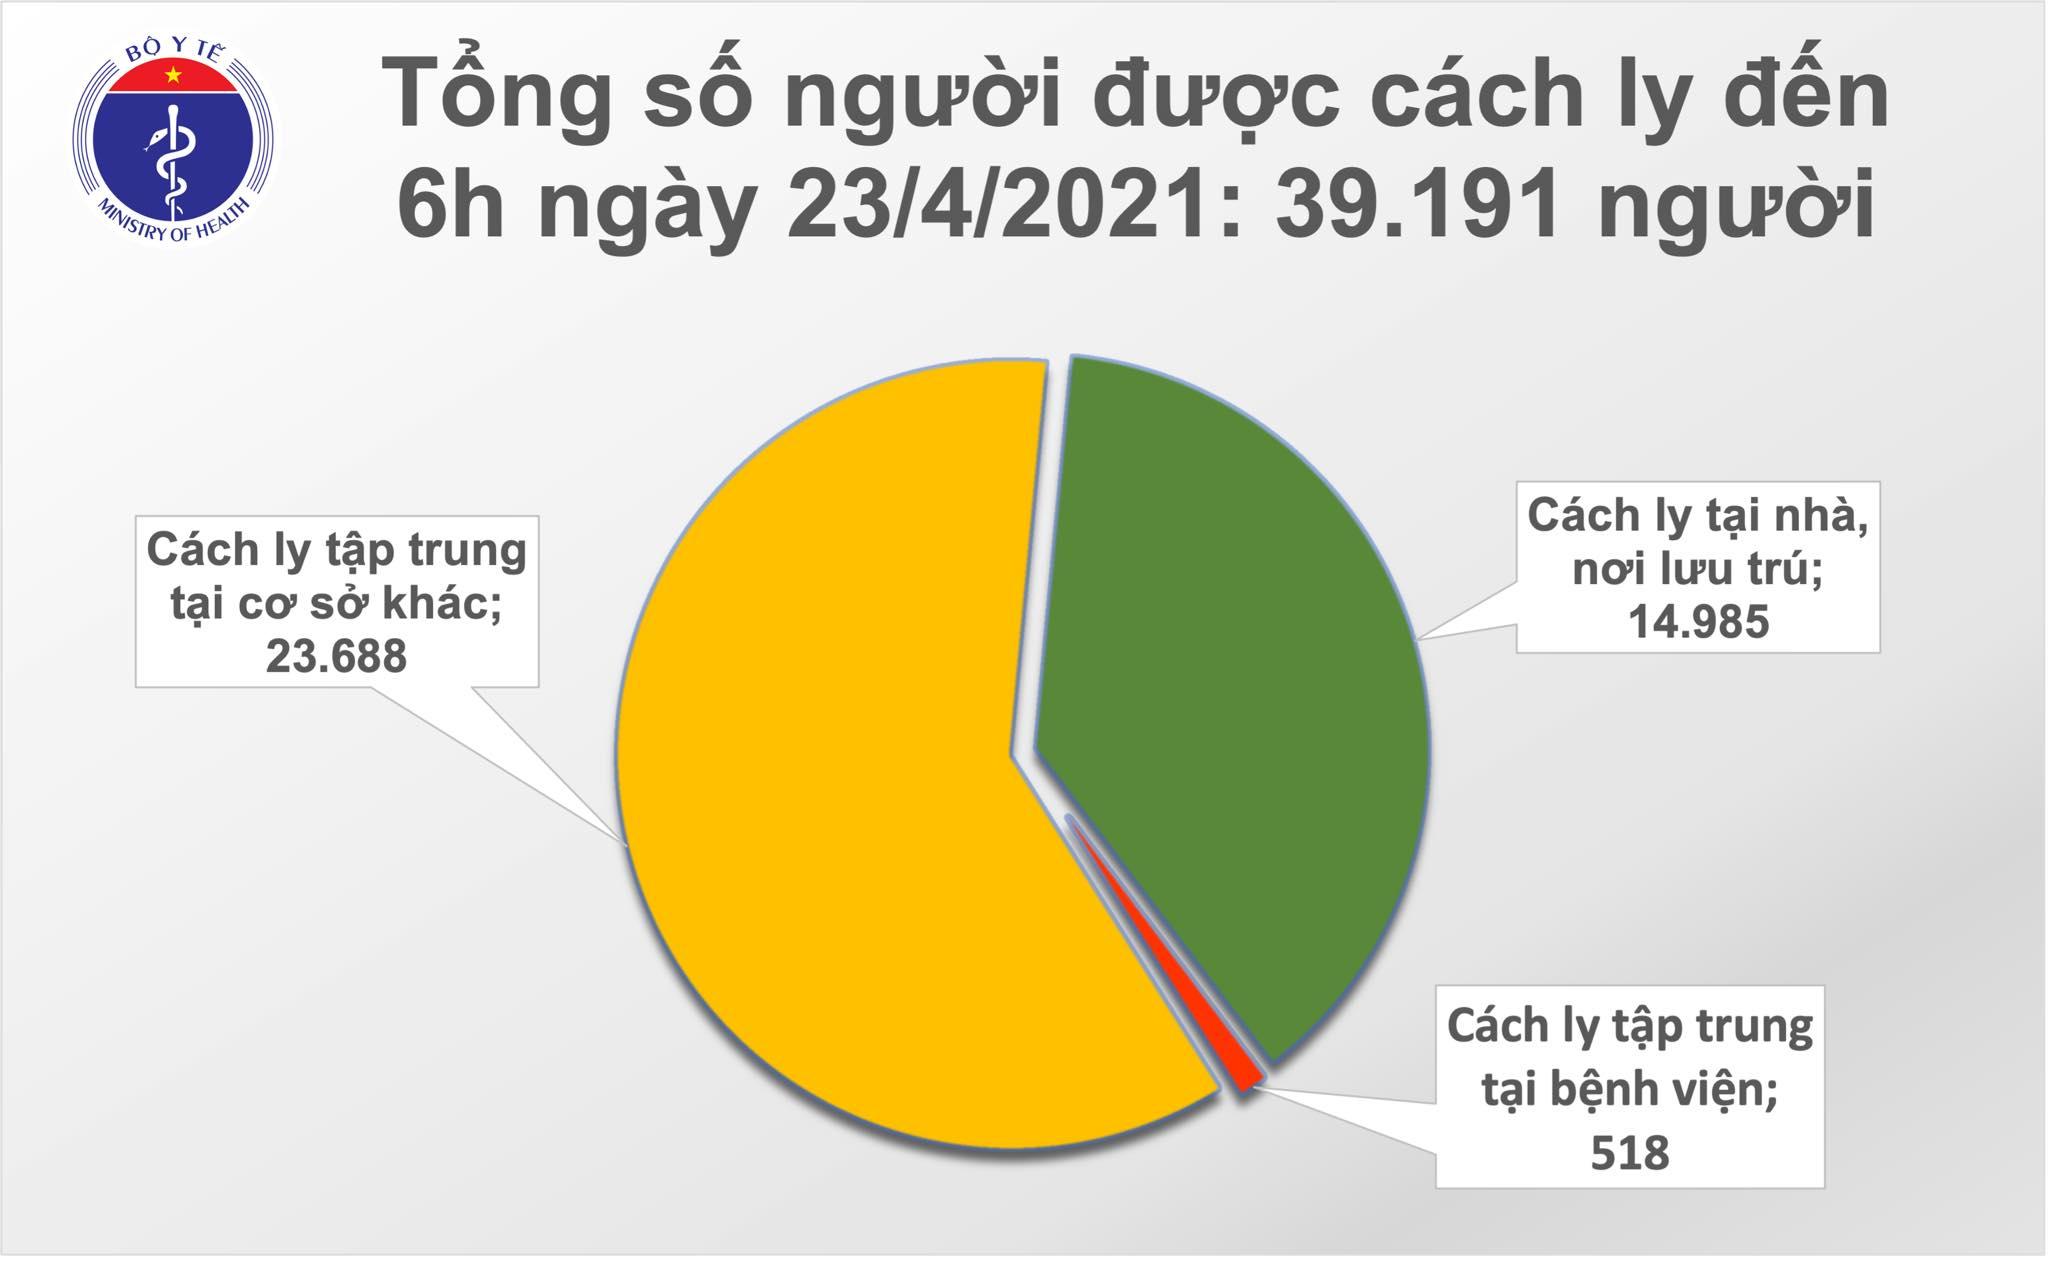 Sáng 23/4: Việt Nam thêm 8 ca mắc COVID-19, thế giới có hơn 145,2 triệu bệnh nhân - Ảnh 2.